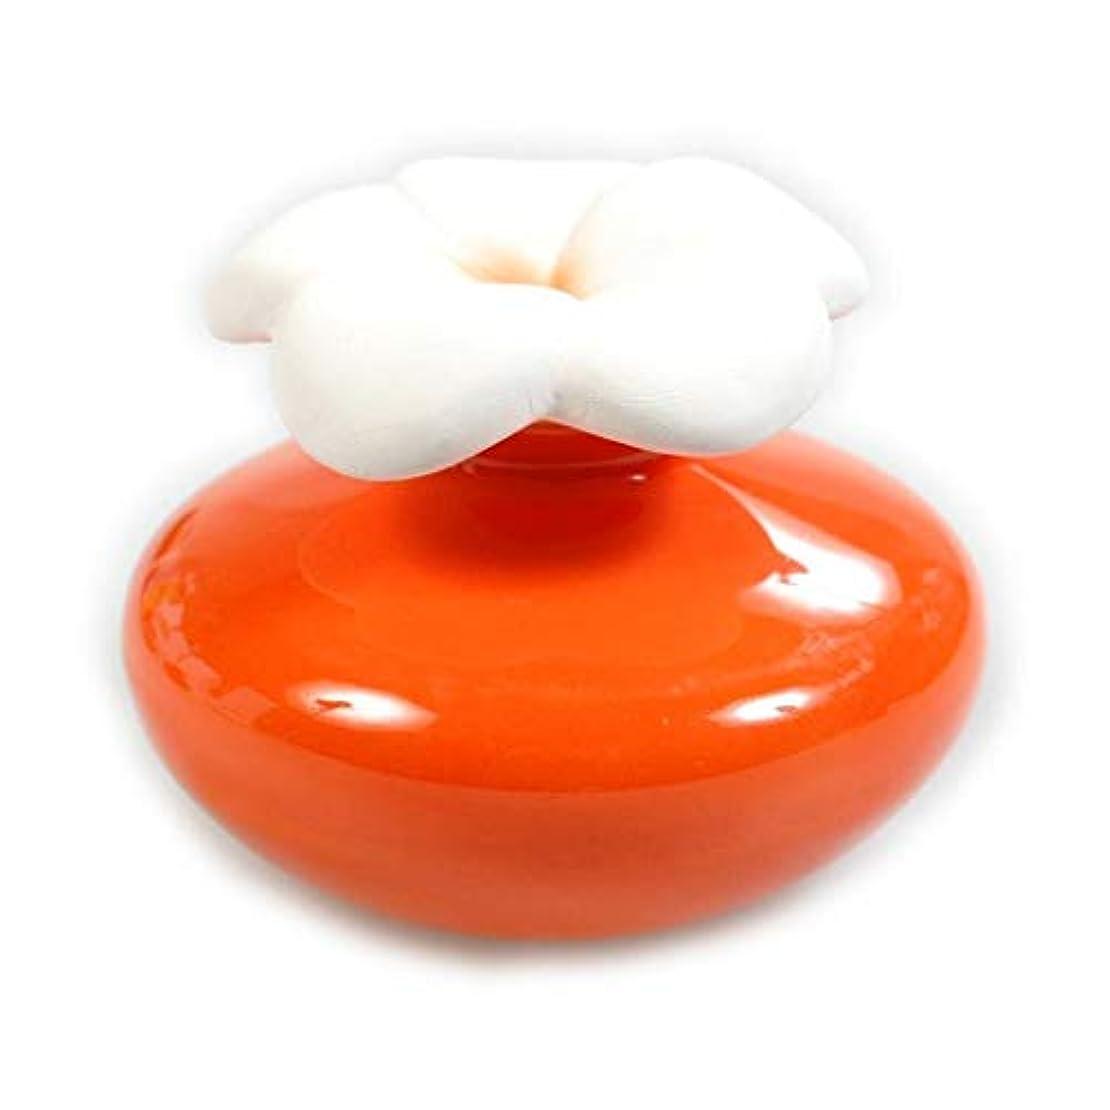 仕様フォルダベースMillefiori FIORE ルームフレグランス用 花の形のセラミックディフューザー Sサイズ オレンジ LDIF-FS-004